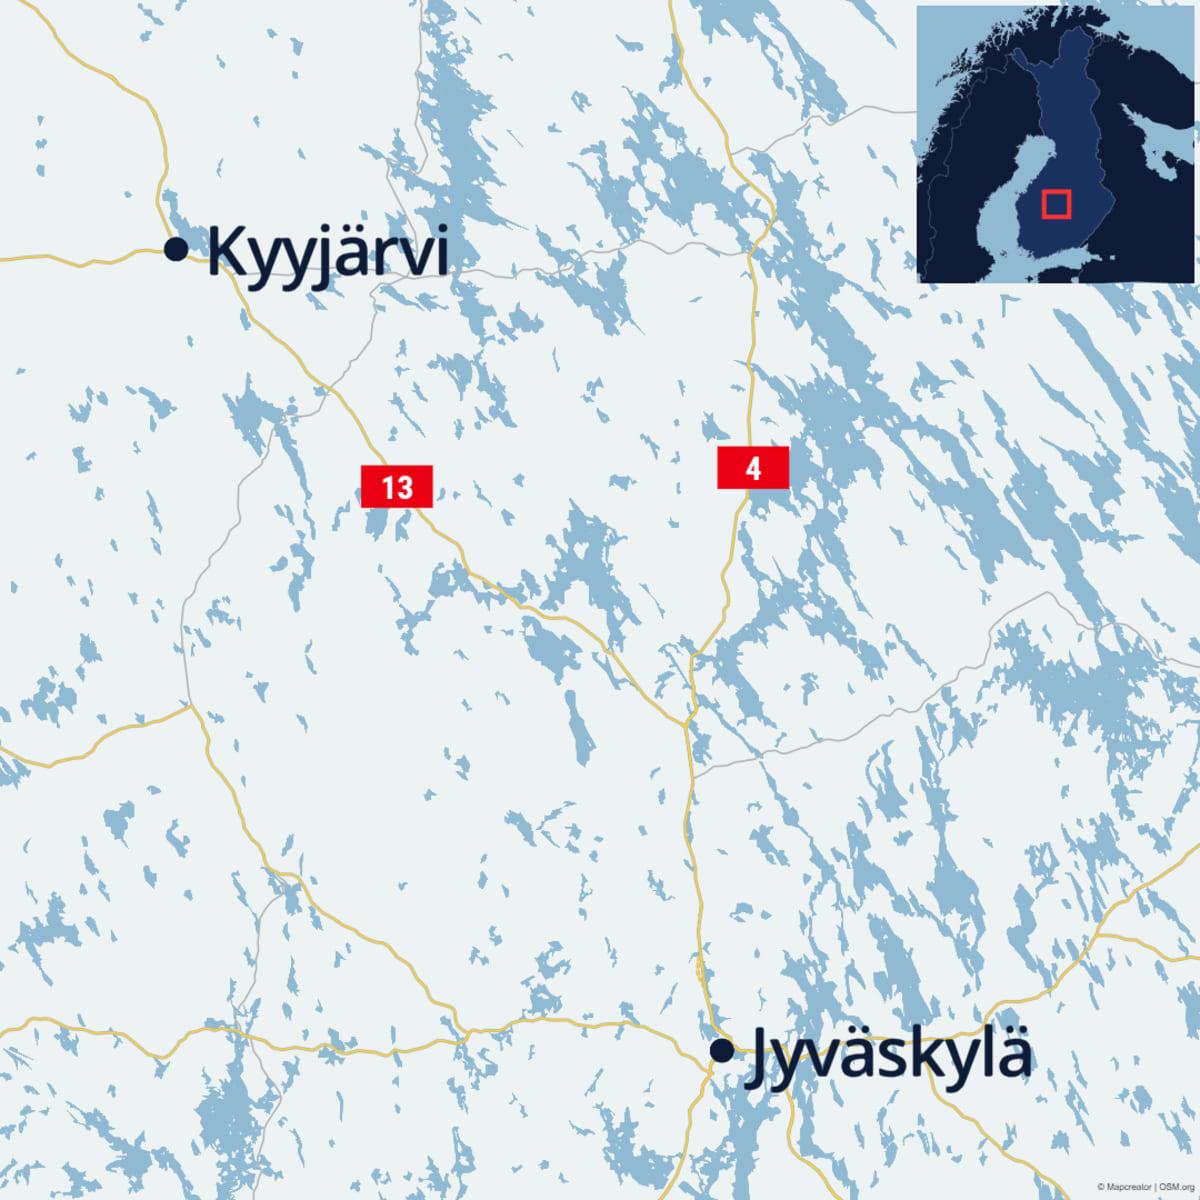 Kyyjärvi